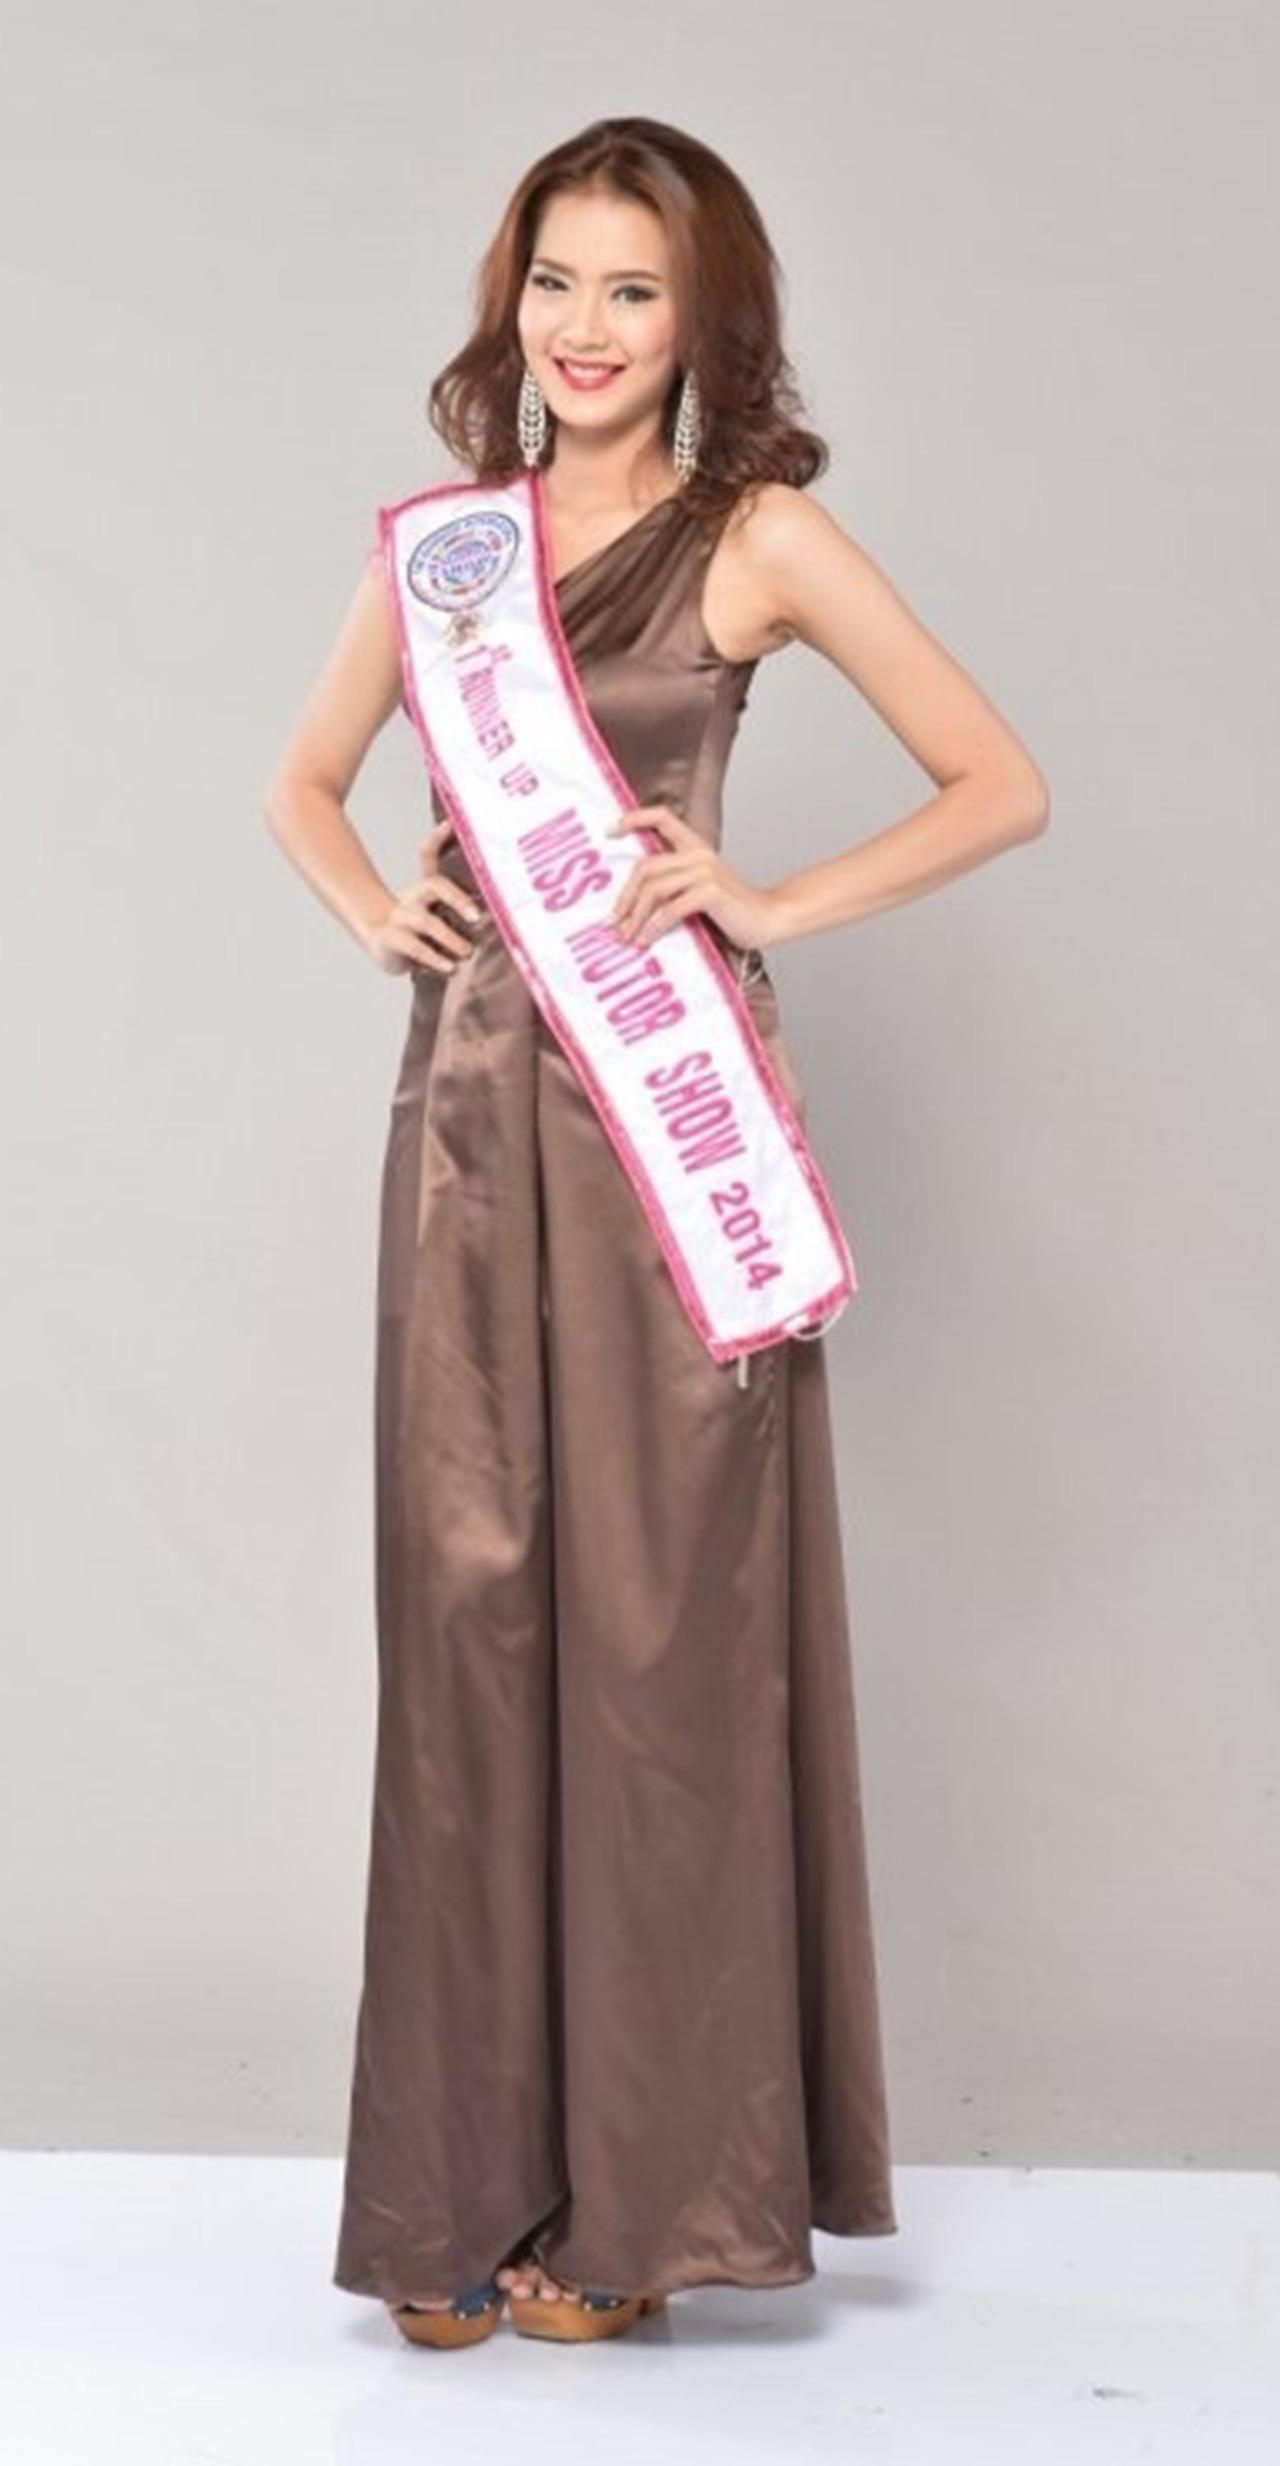 มิ้นท์ ชรินทร นันทะ ตำแหน่งรองอันดับ 1 มิสมอเตอร์โชว์ Miss Motor Show 2014